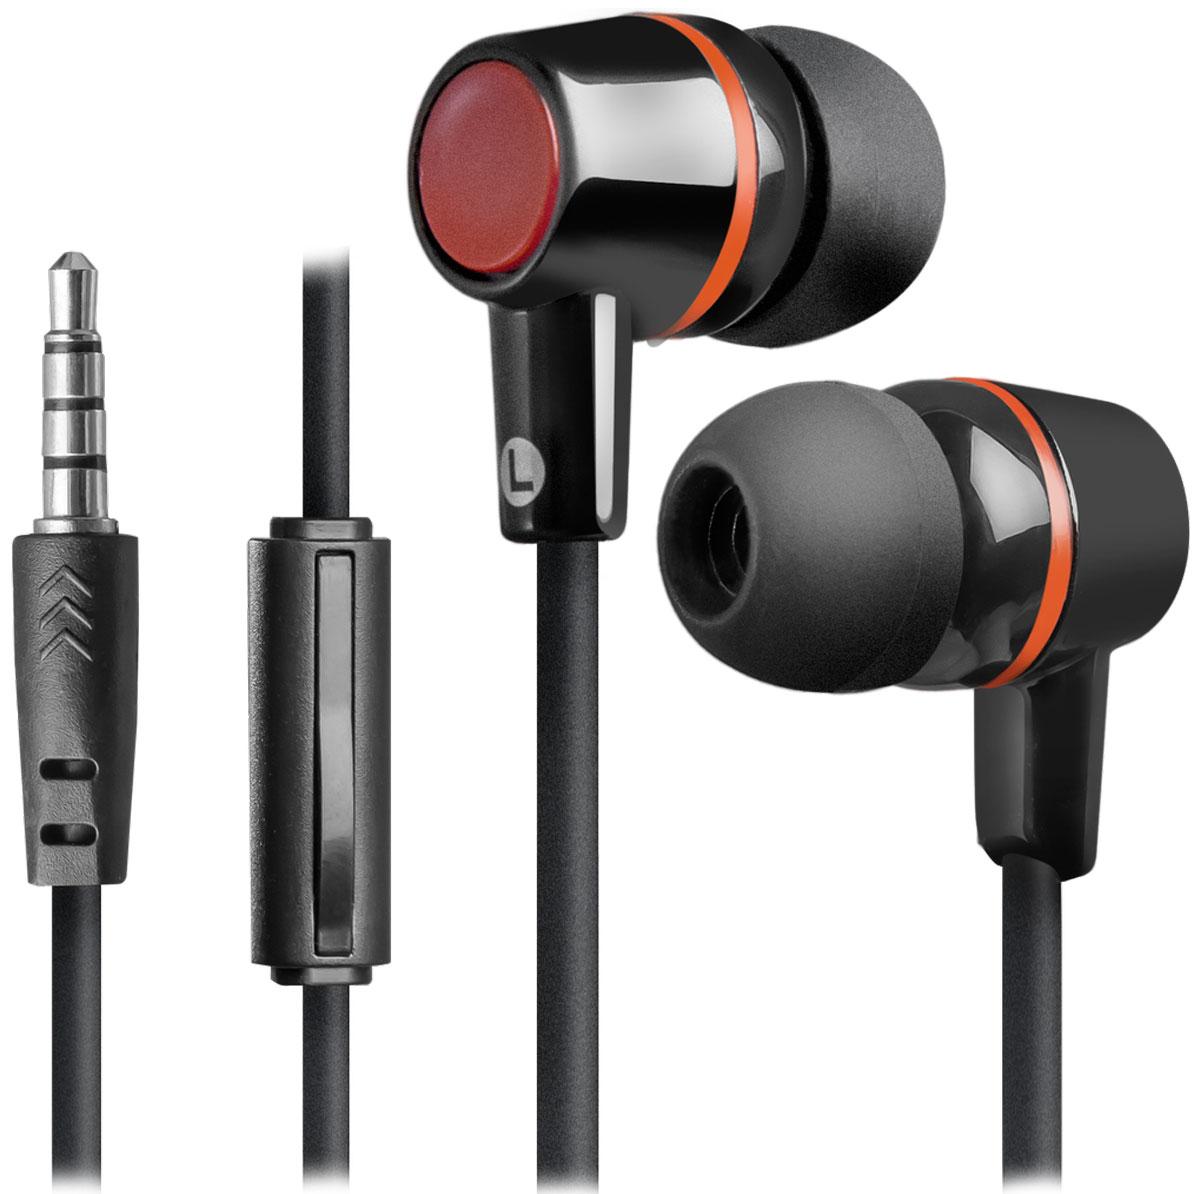 Defender Pulse 428, Black гарнитура63428Defender Pulse 428 - отличный выбор для повседневного использования, в том числе, в общественном транспорте, на улице и в шумных помещениях, благодаря хорошей звукоизоляции. Гарнитура имеет встроенный пульт и микрофон для быстрого переключения между музыкой и вызовами. Подключив её к своему смартфону или планшету вы сможете не только наслаждаться любимой музыкой, но и с легкостью ответить на звонок, не доставая гаджет.